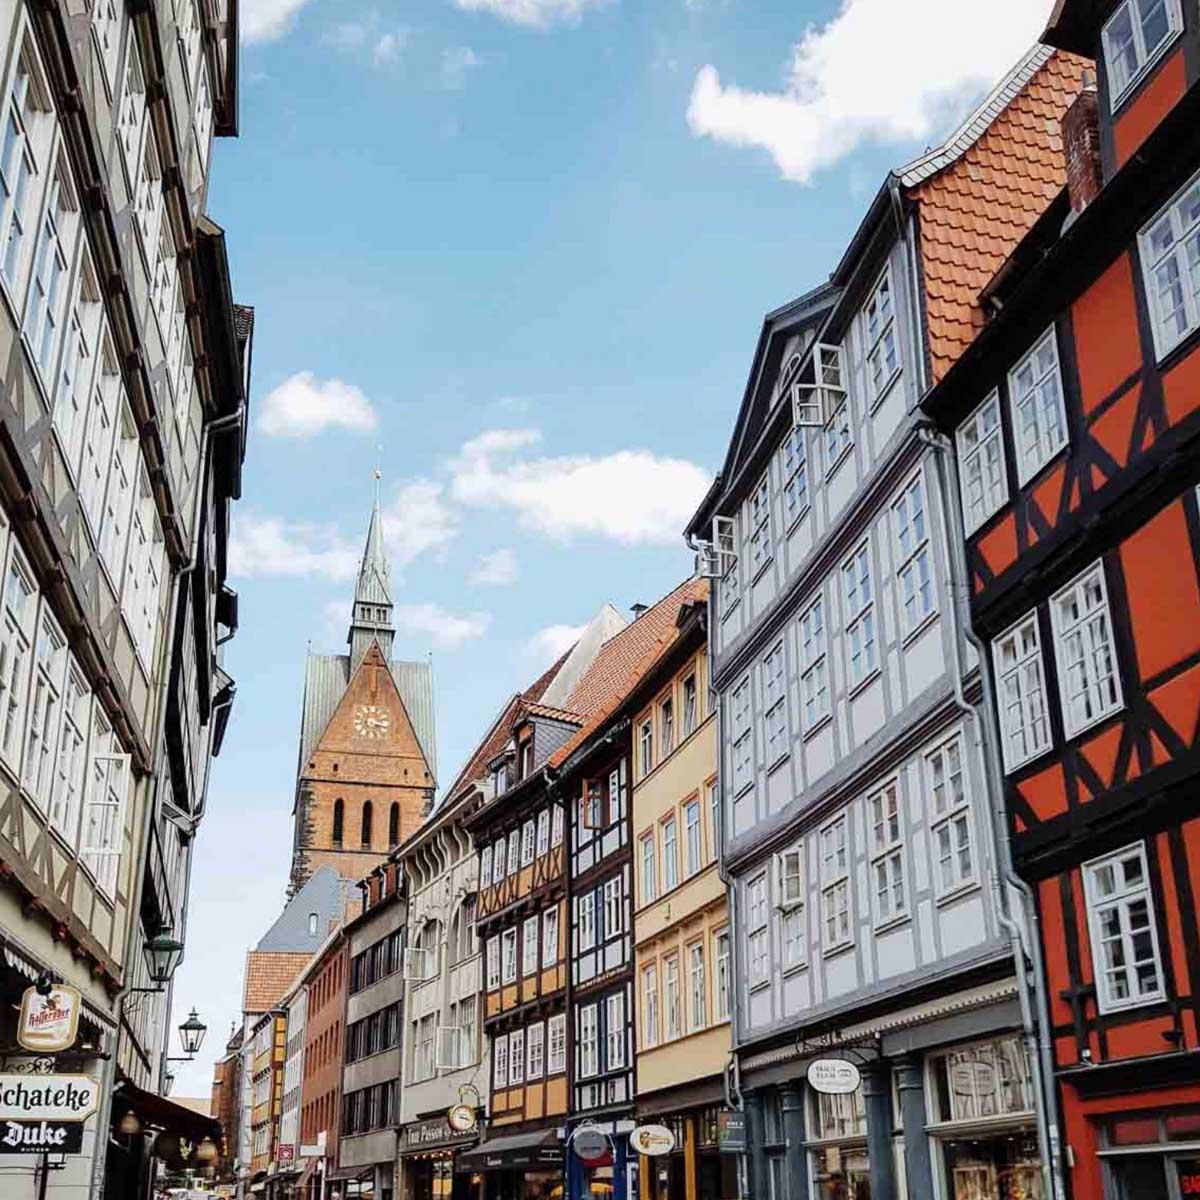 Dit zijn de 10 leukste steden in Duitsland [+ te doen tips], Hannover